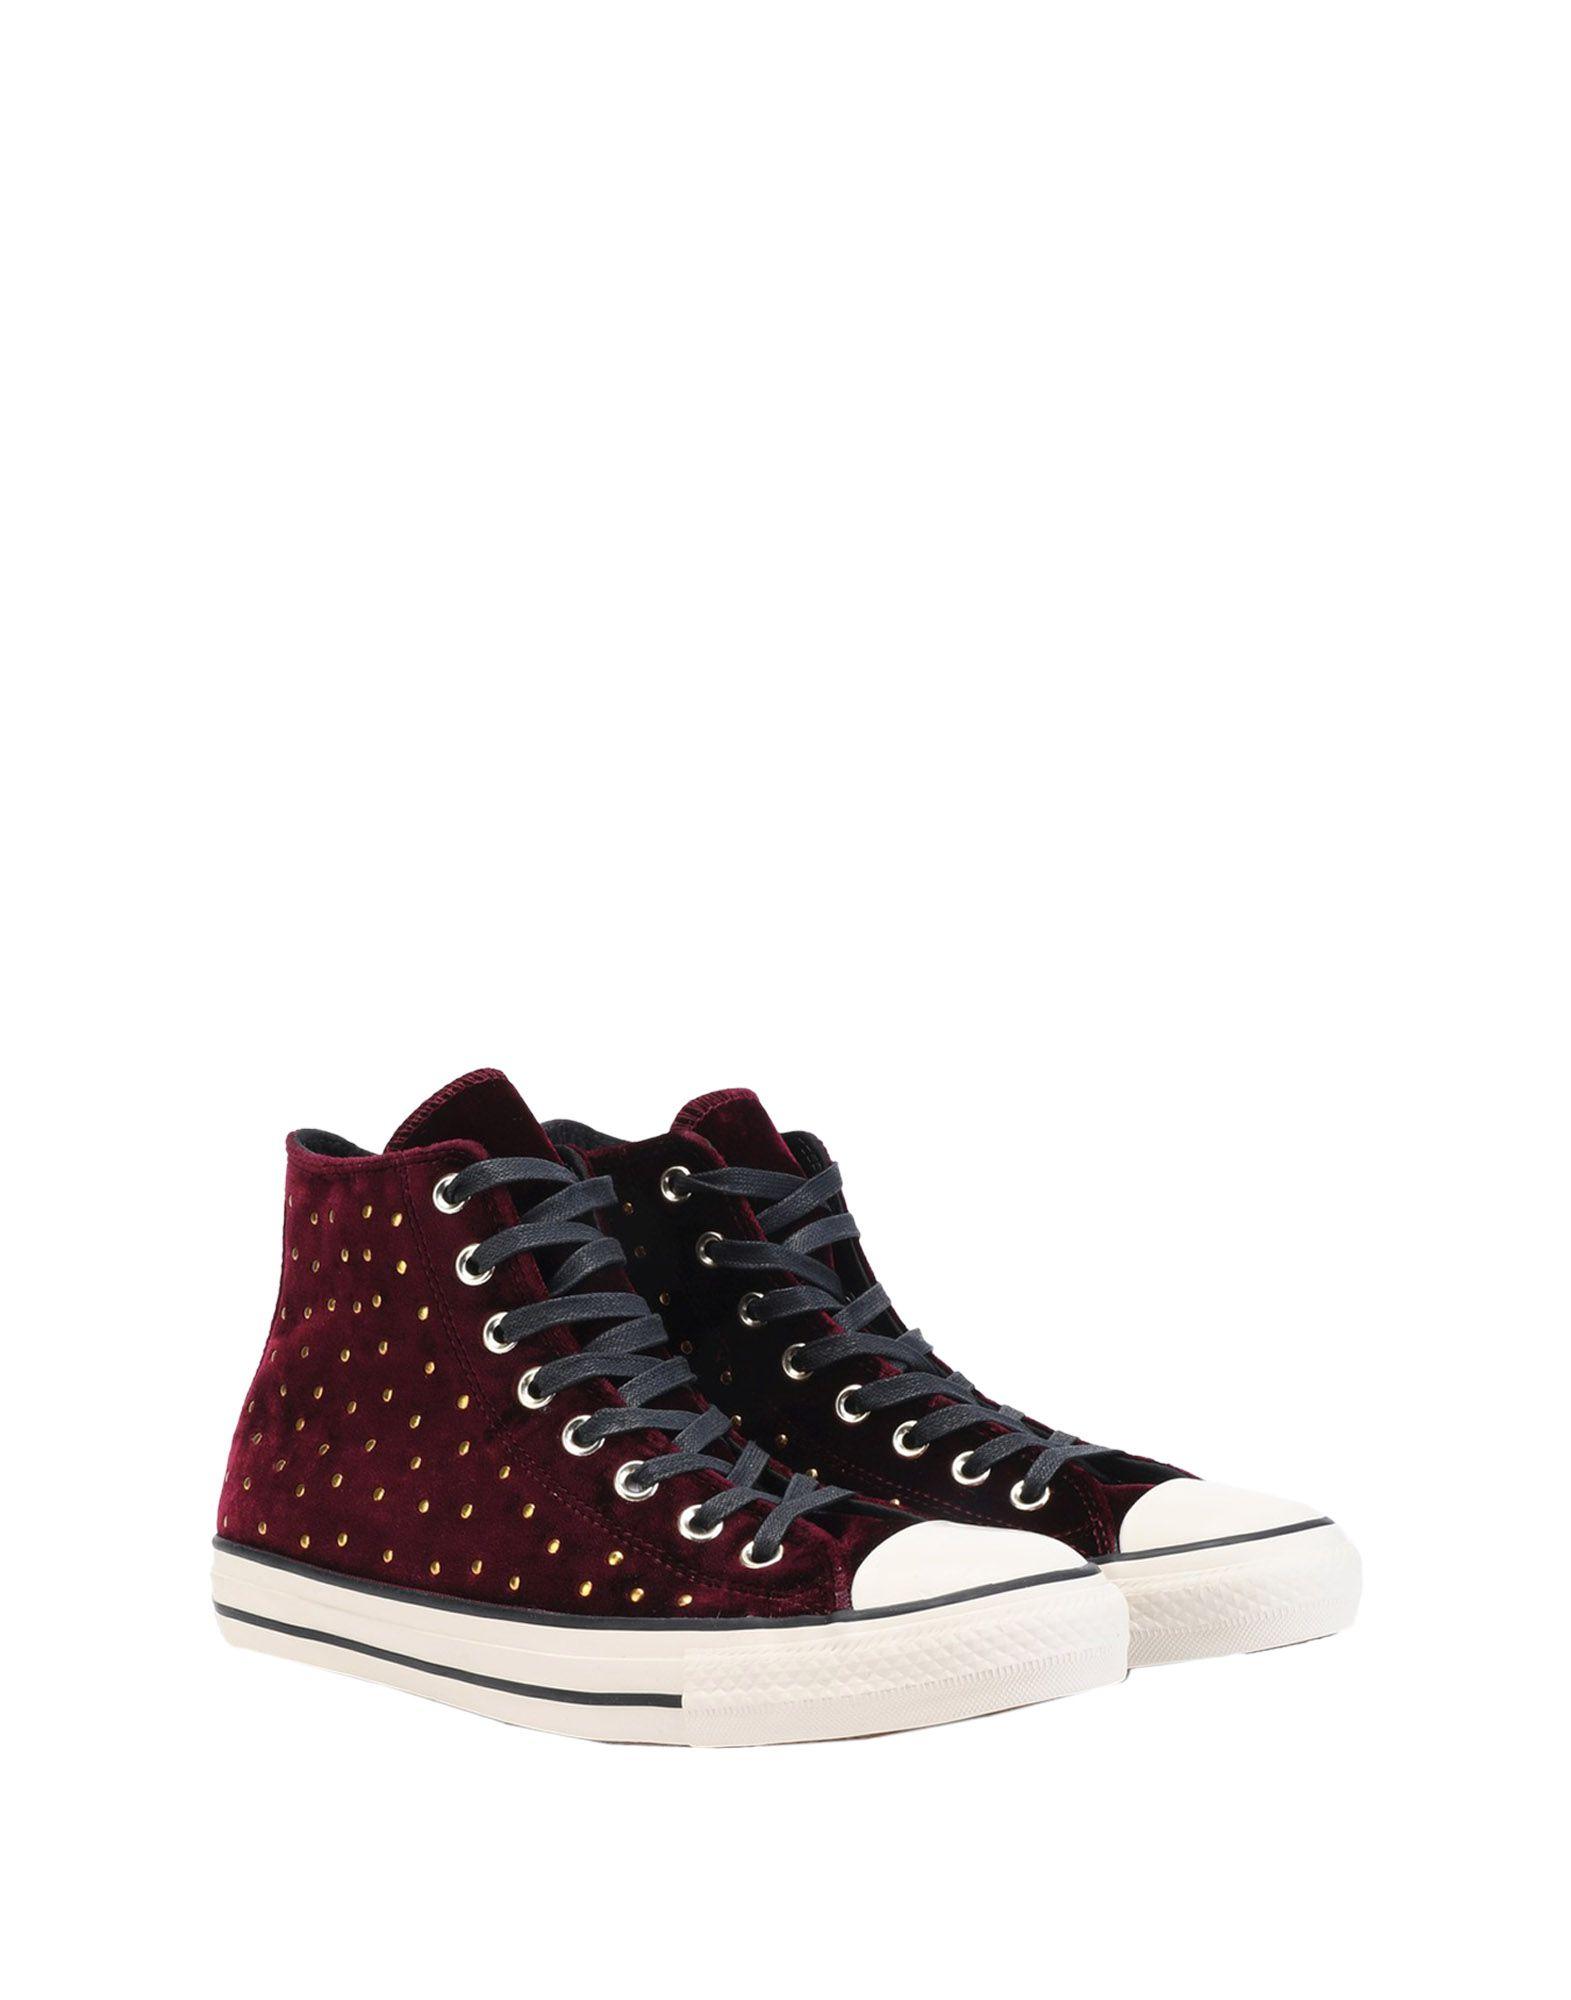 Converse All Star Ct As Hi Velvet Studs  Schuhe 11356472DS Gute Qualität beliebte Schuhe  4b0eda